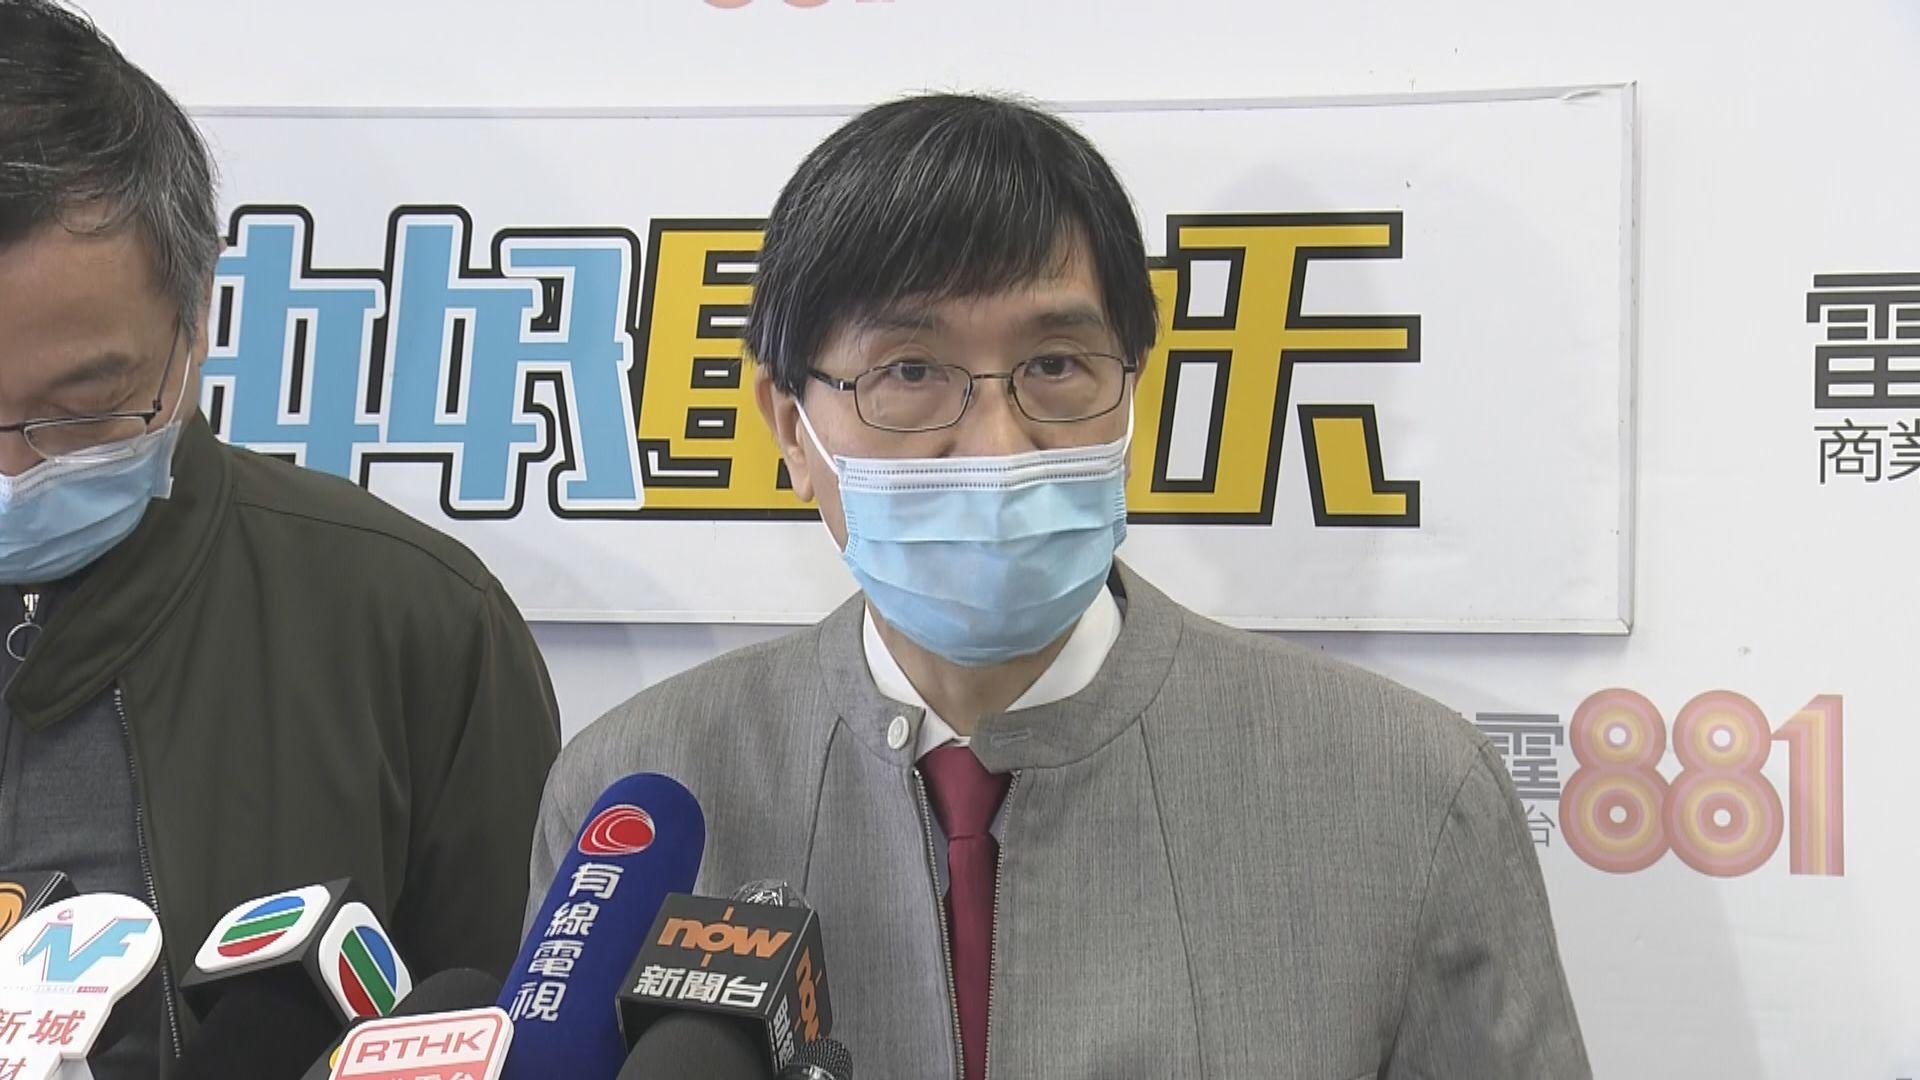 袁國勇:病毒全球大流行 所有人外地抵港應隔離14天